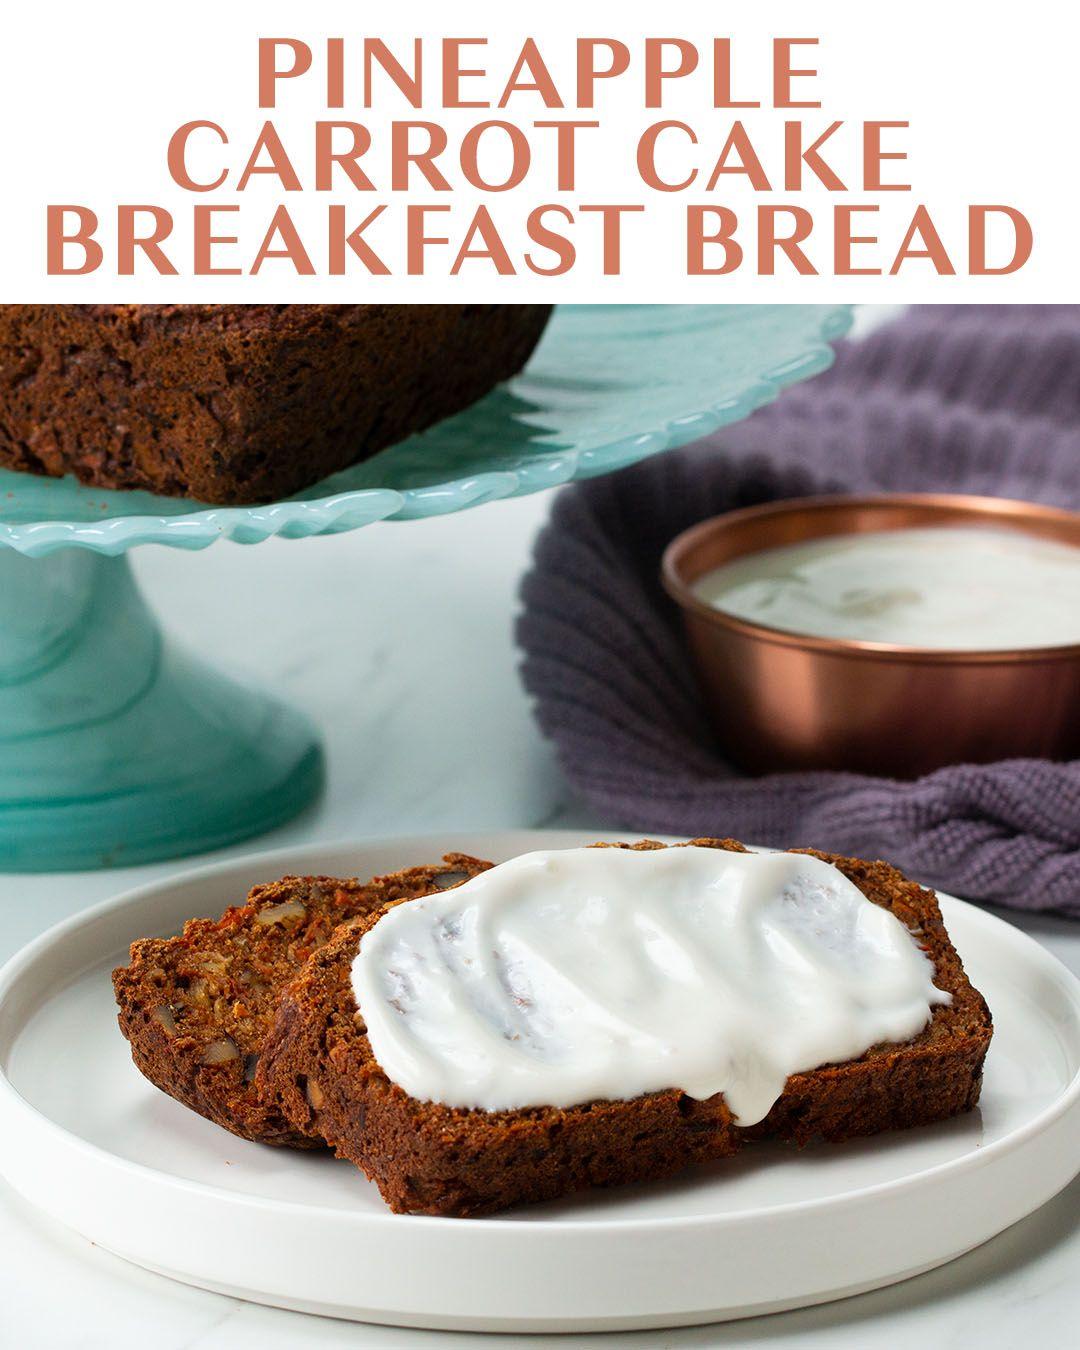 Pineapple Carrot Cake Breakfast Bread Recipe by Tasty